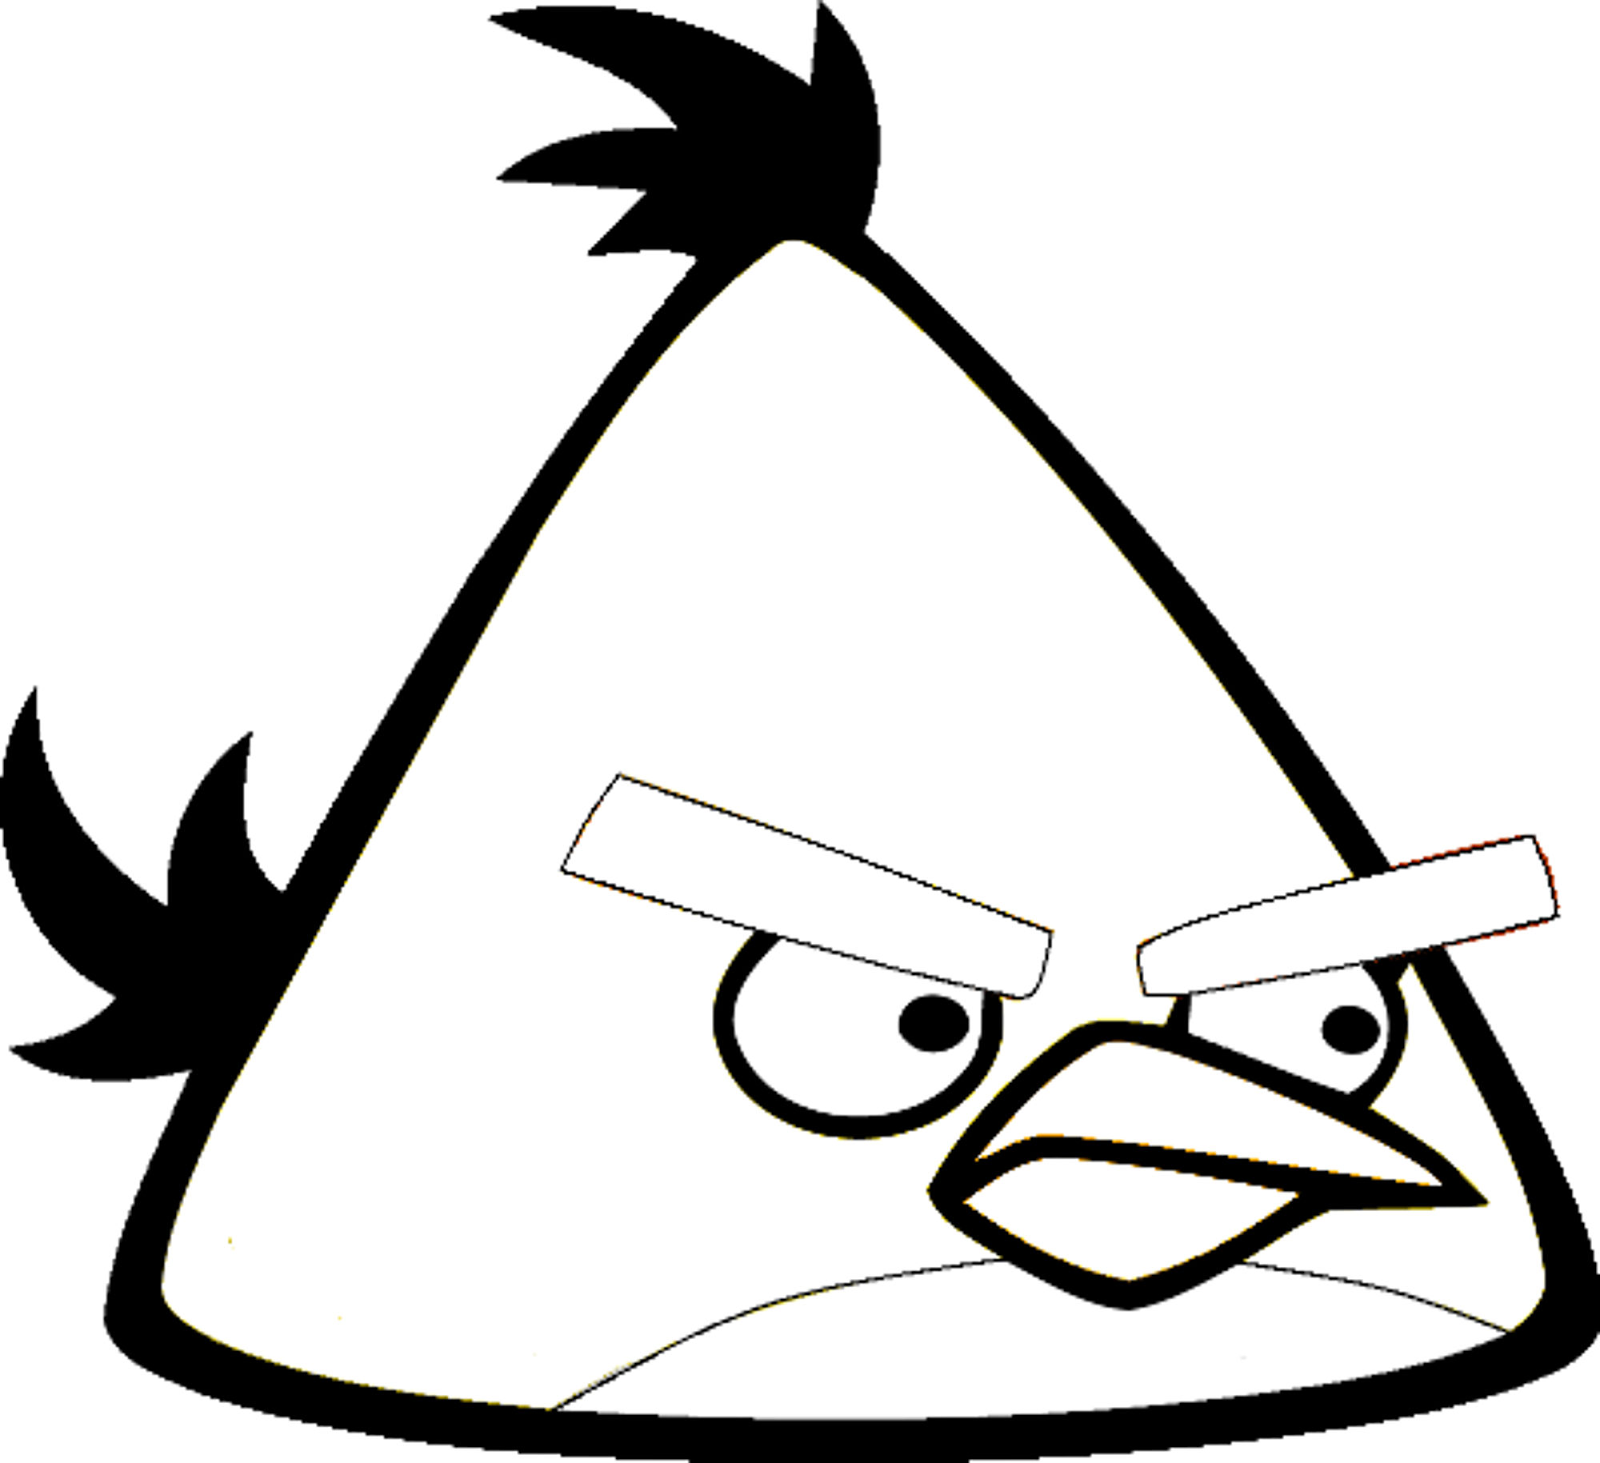 Desenhos dos angry birds para colorir pintar imprimir e preparar atividades espa o educar - Angry bird dessin ...